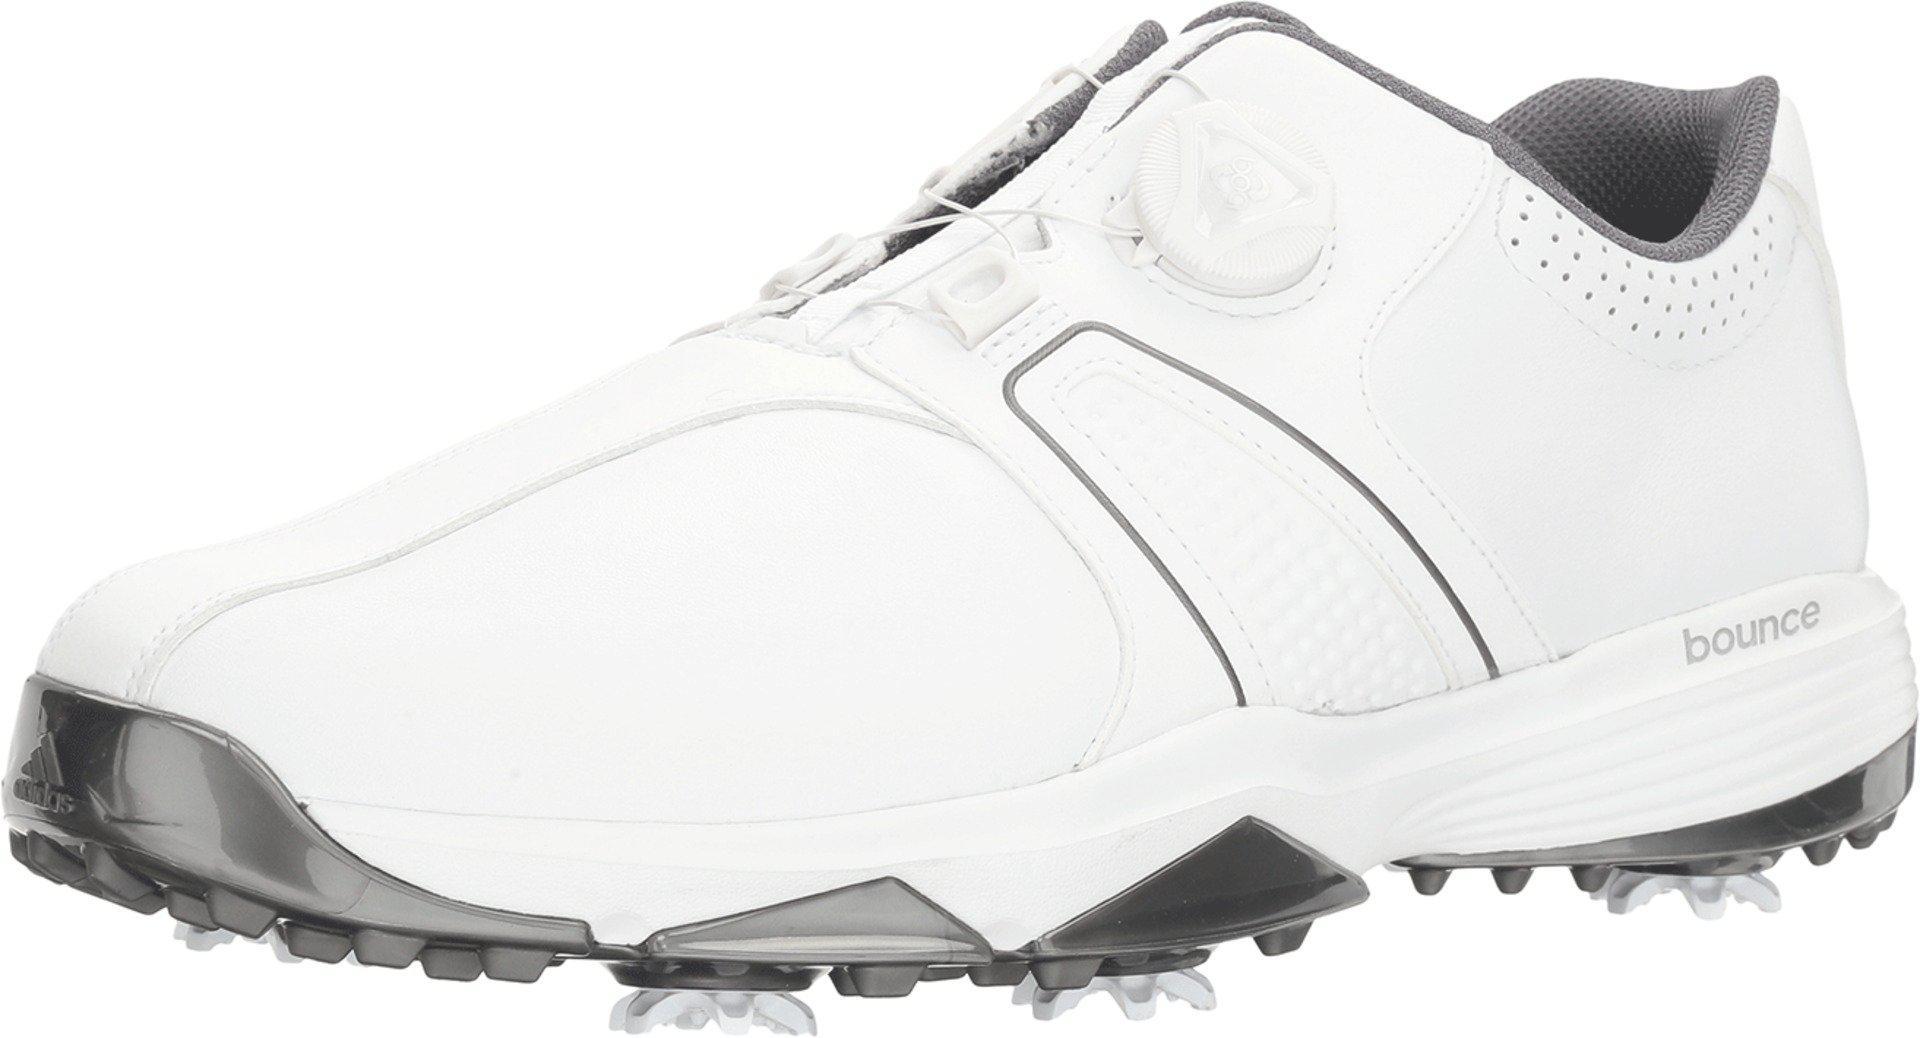 lyst adidas originali 360 traxion boa in bianco per gli uomini.